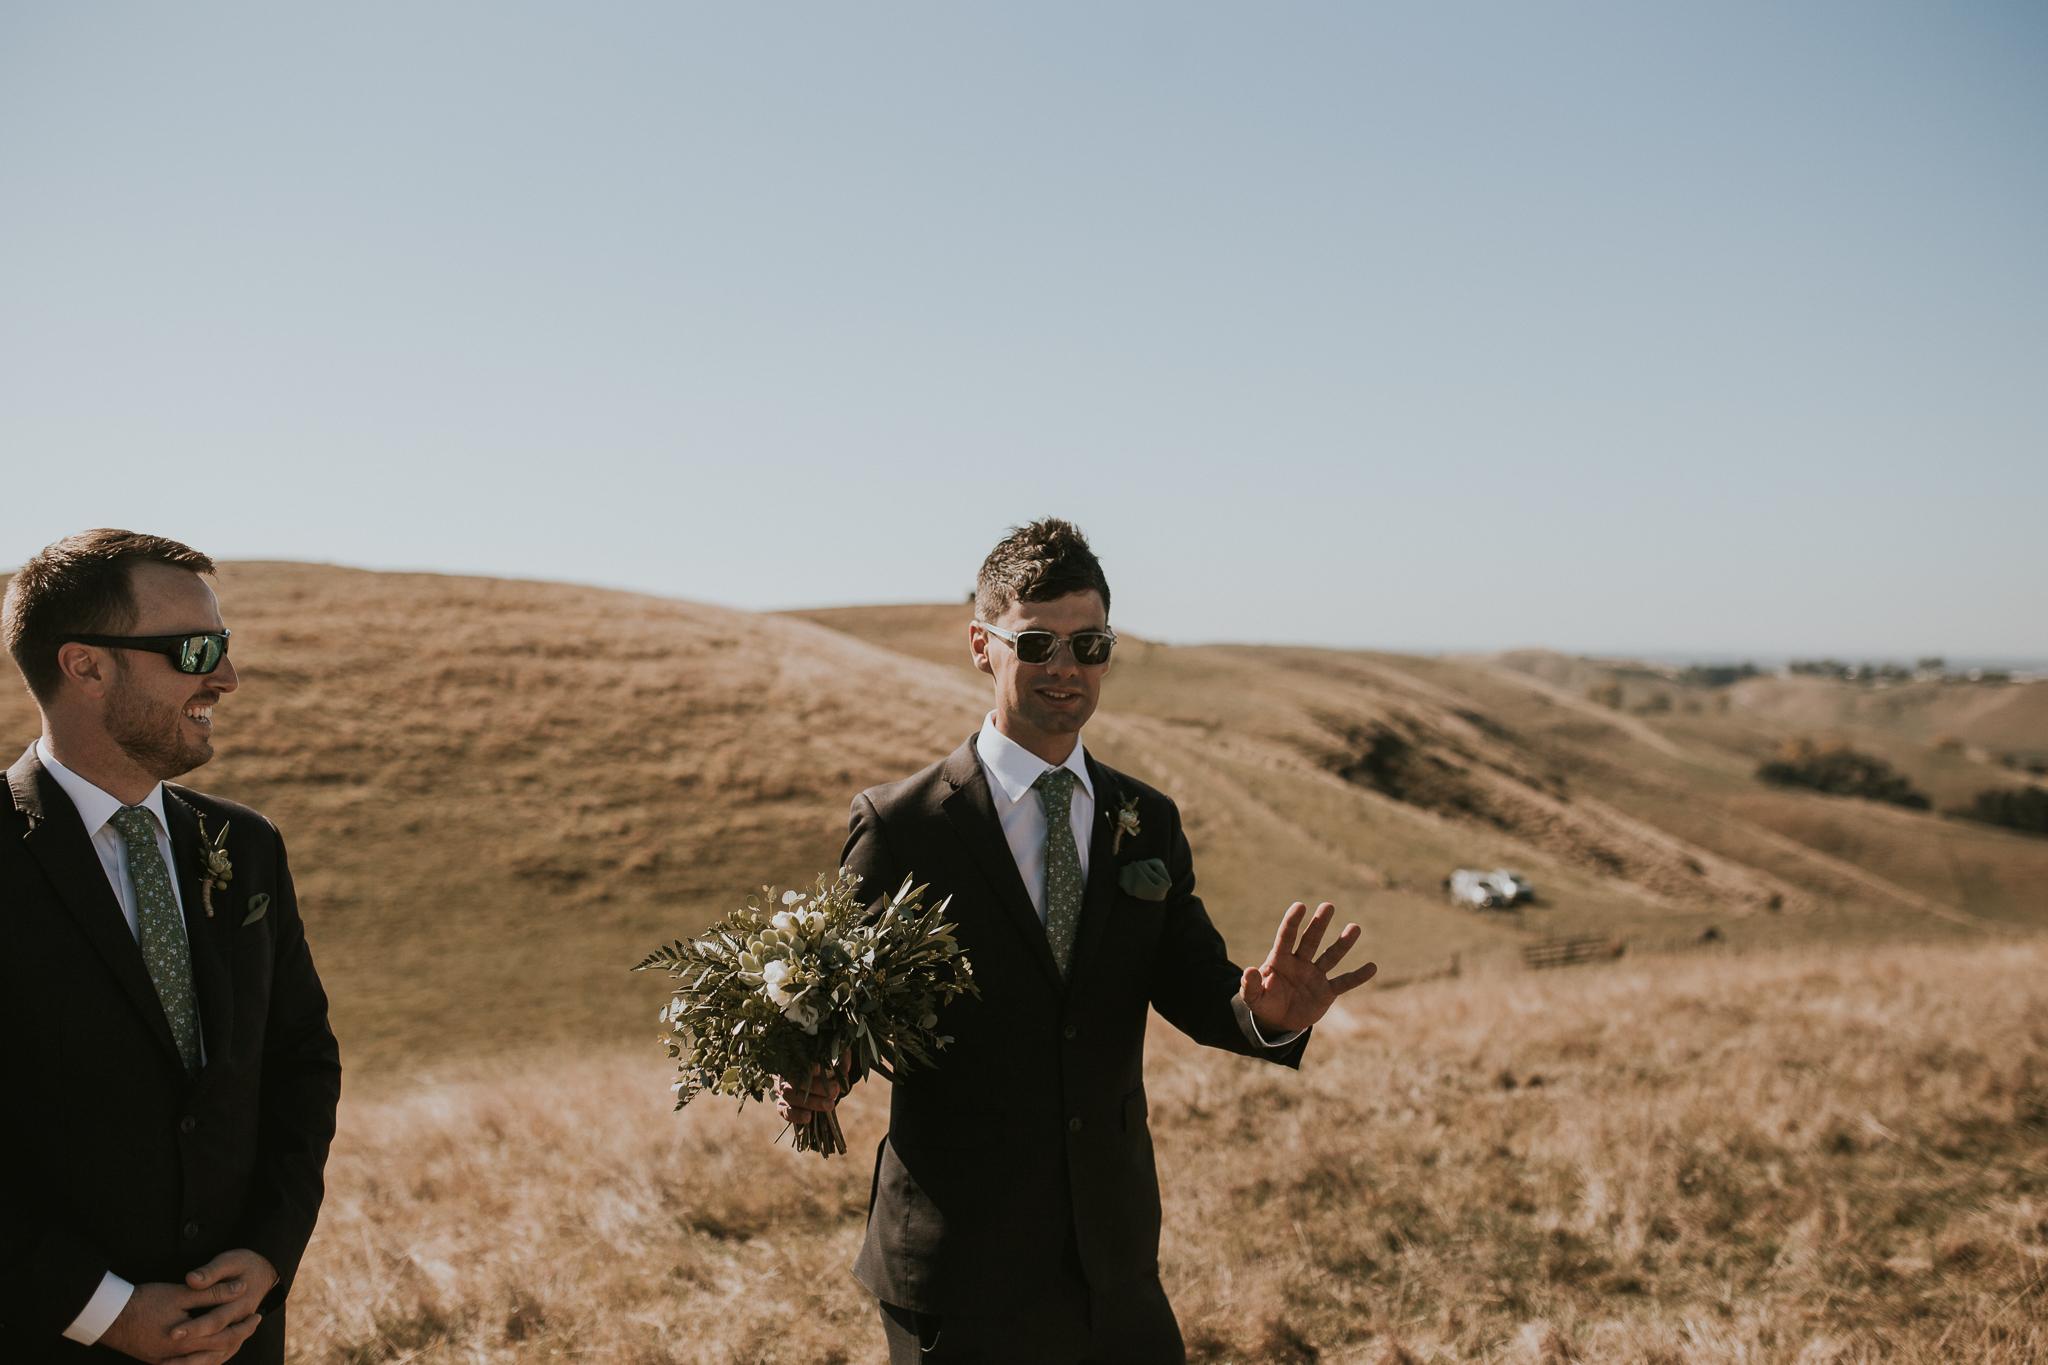 wedding photographer hawkes bay , Lisa Fisher Photography, Selini Winery Wedding -43.jpg